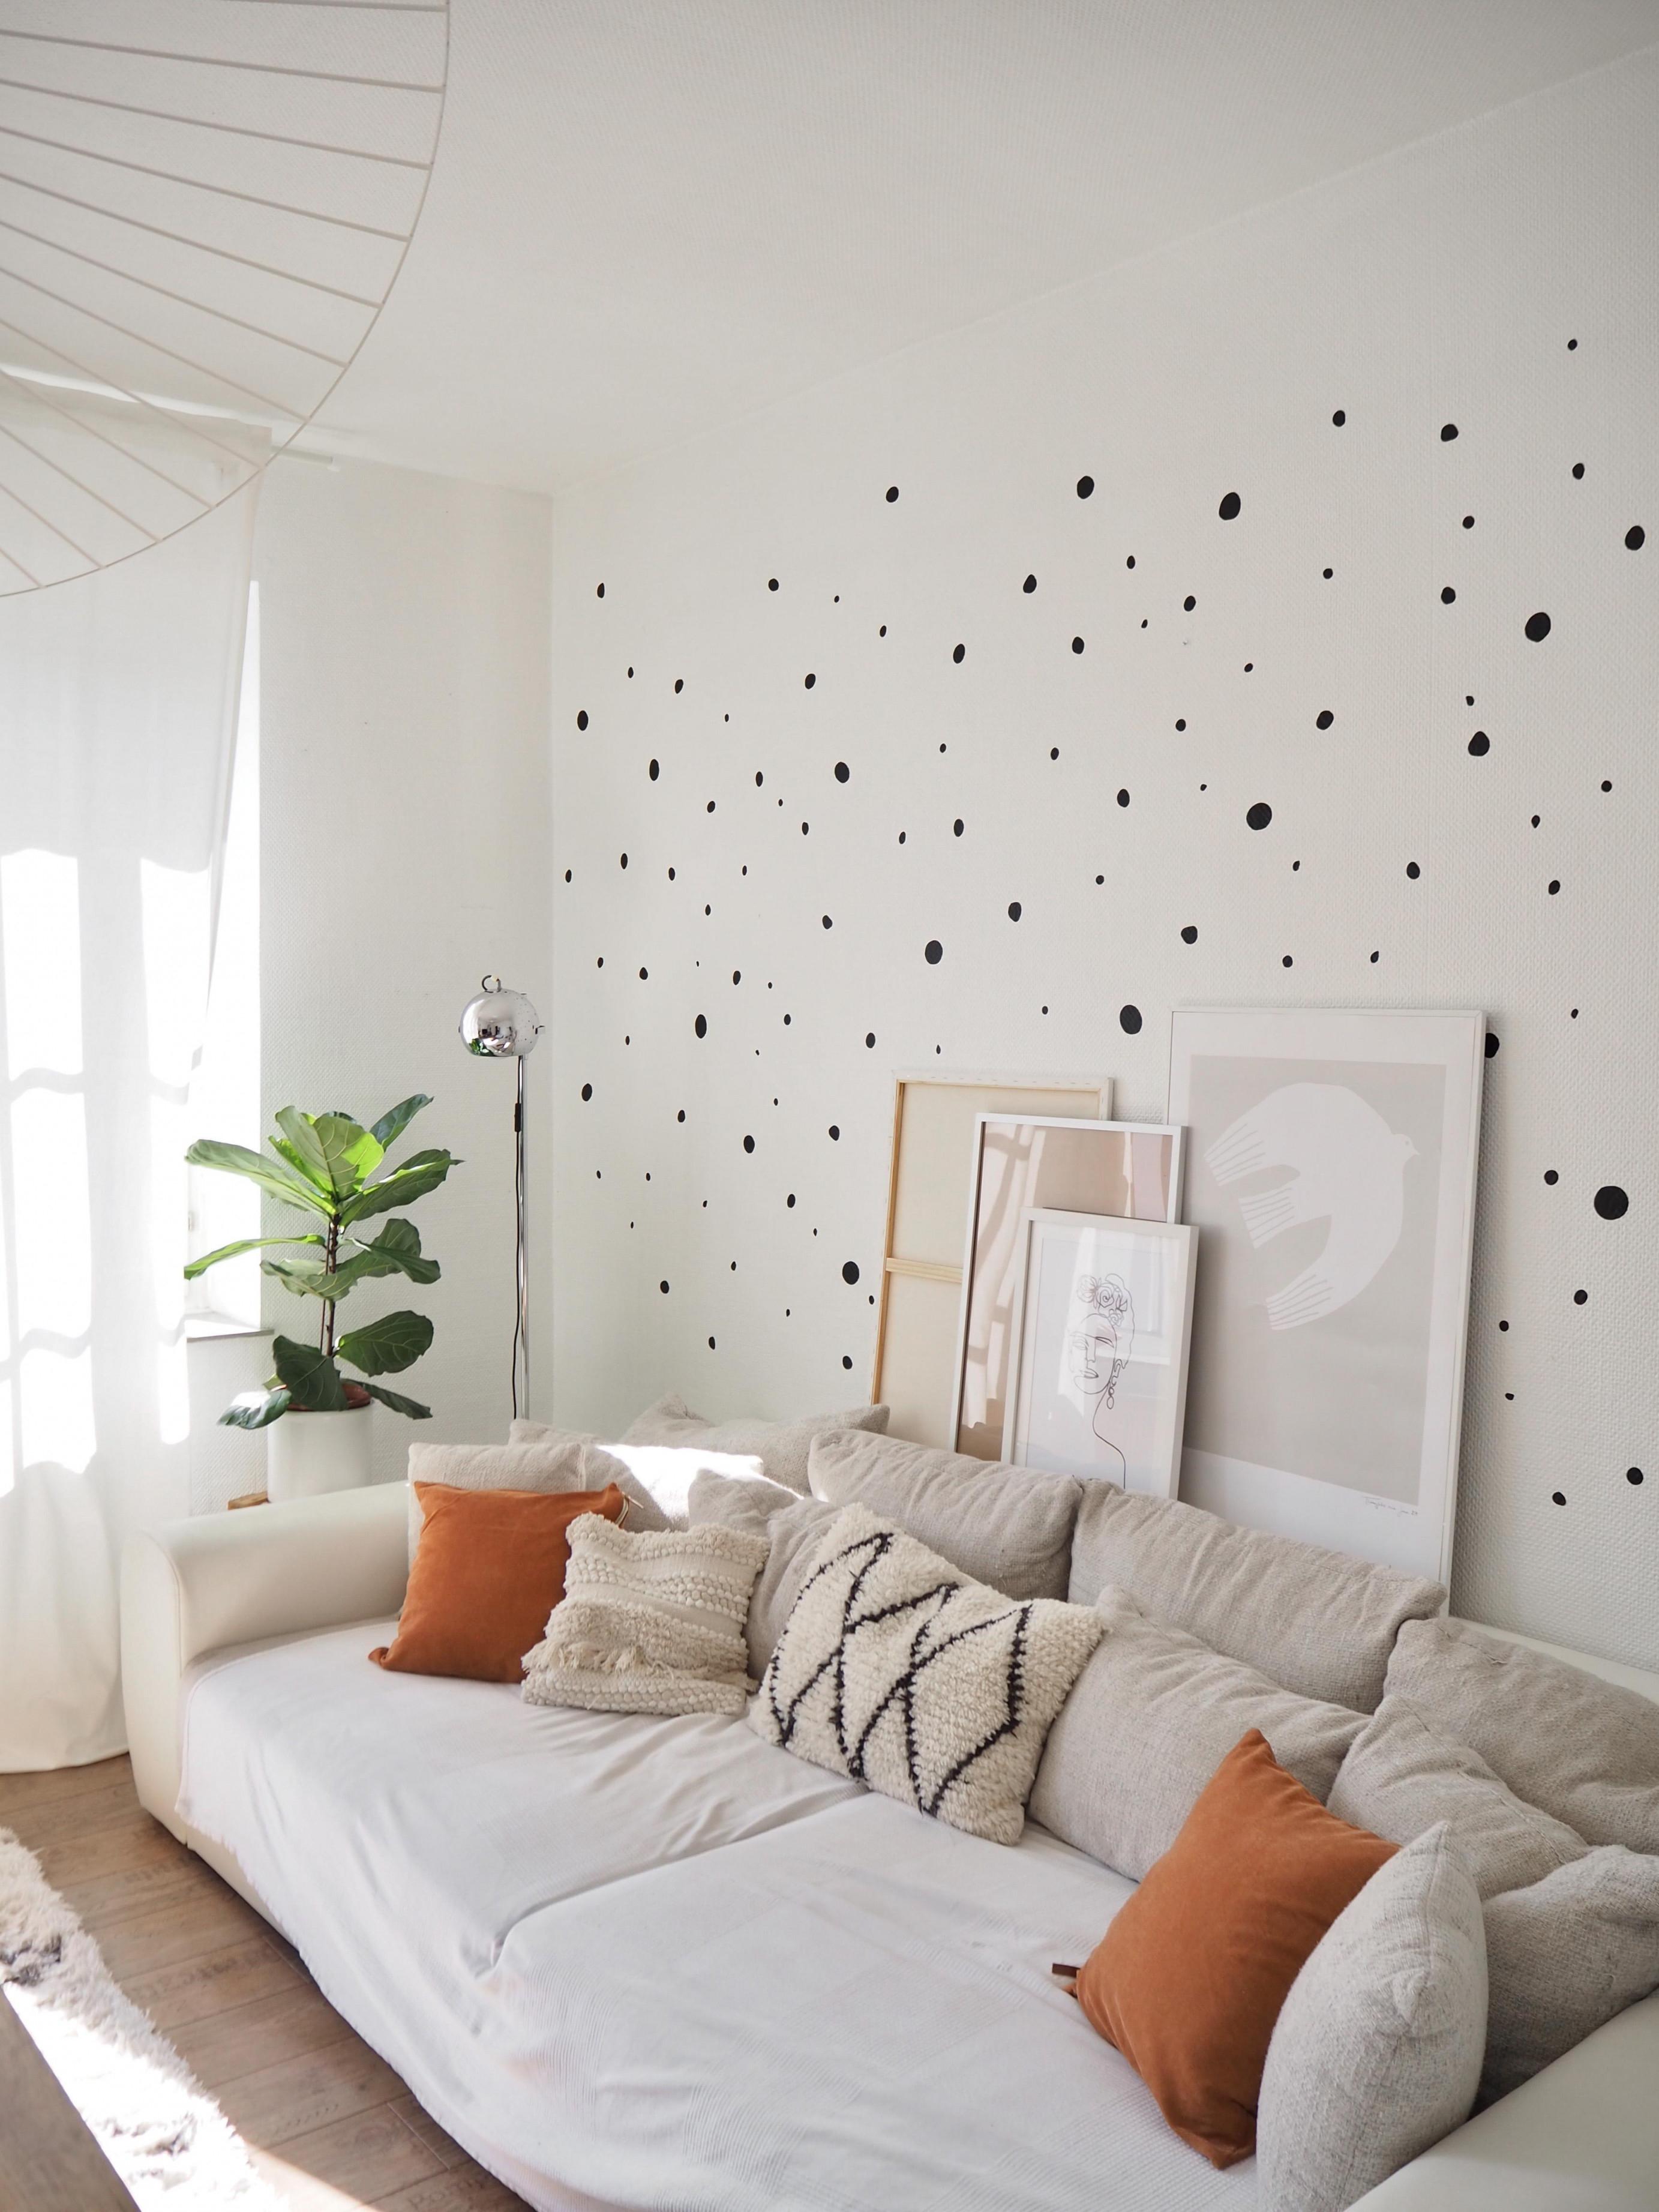 Wandtattoo • Bilder  Ideen • Couch von Wandtattoos Wohnzimmer Ideen Photo